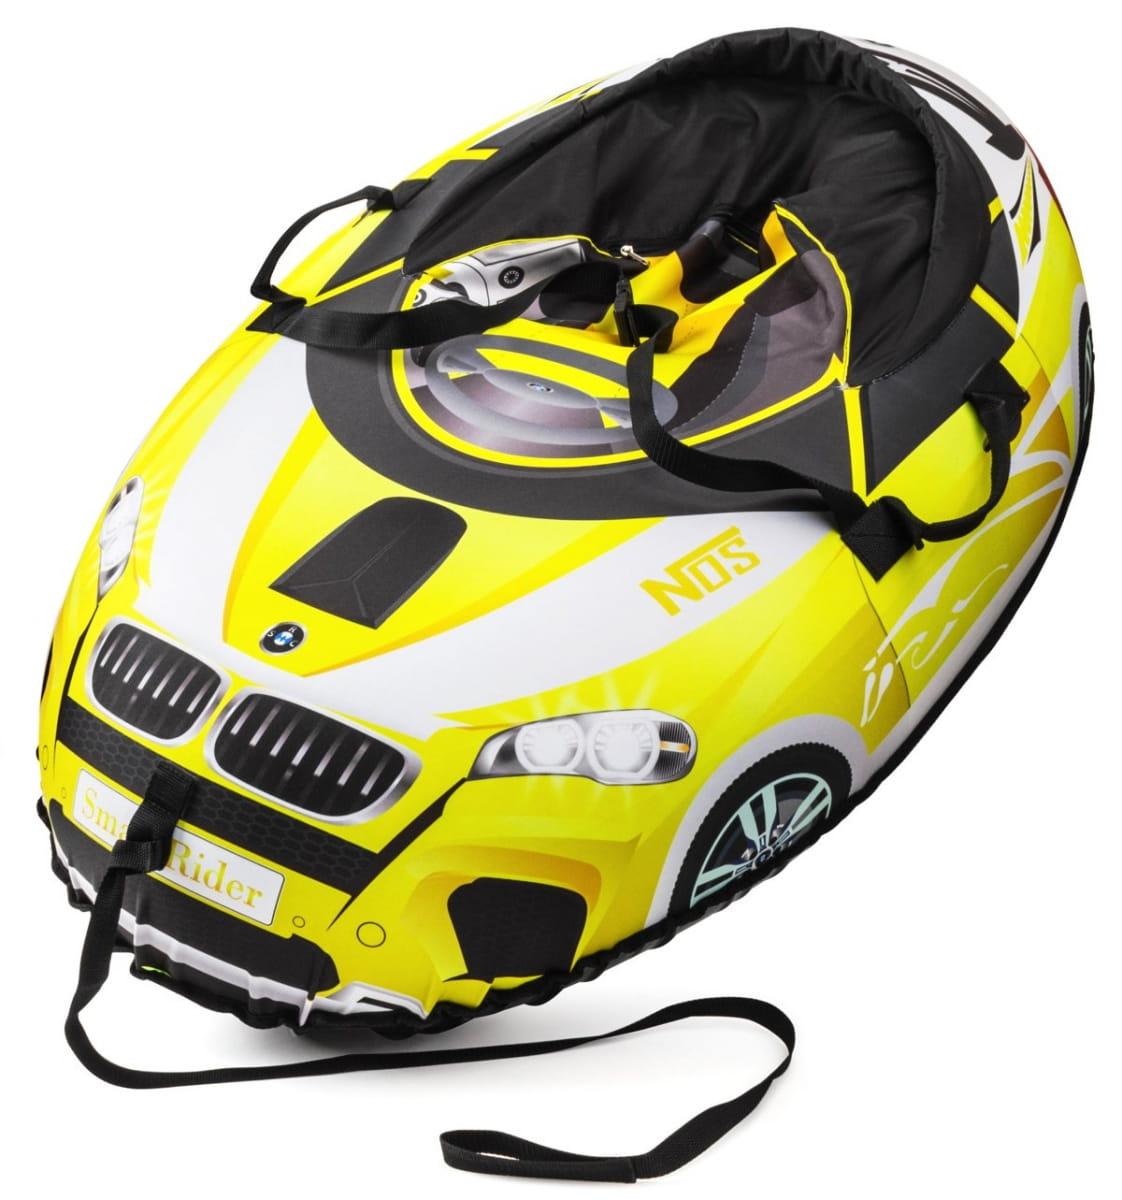 Надувные санки-тюбинг Small Rider 332136 Snow Cars 2 - желтые